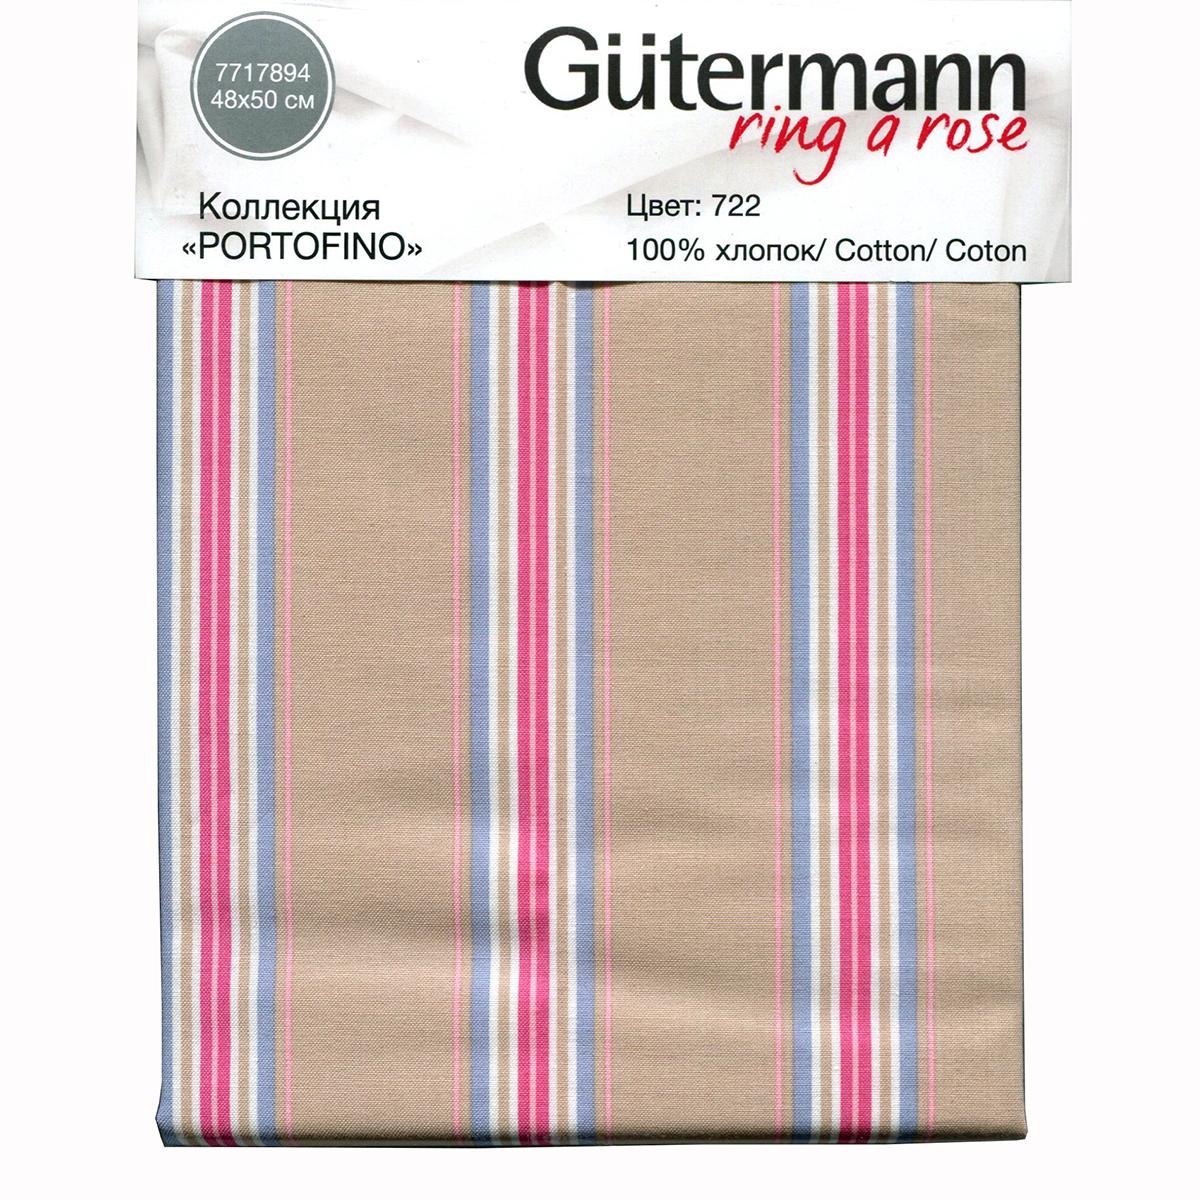 Ткань Gutermann Portofino, 48 х 50 см. 647578_7227717894-722Хлопковая ткань от Gutermann (Гутерманн) выполнена из 100% натурального материала, идеально подойдет для шитья одежды, постельного белья, декорирования. Ткань не линяет, не осыпается по краям и не дает усадки.